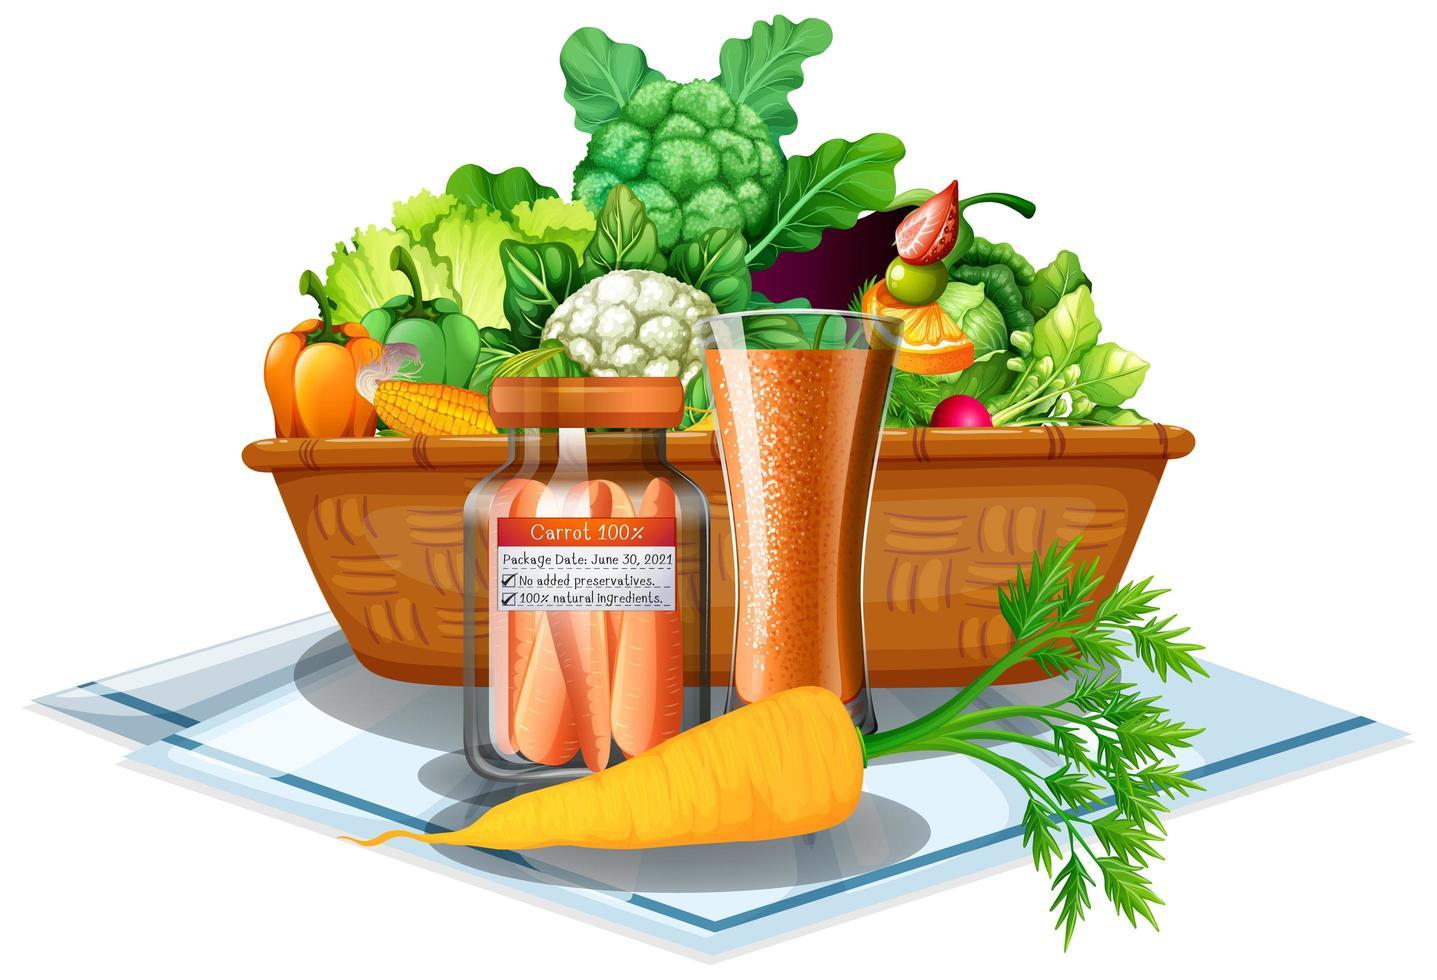 grönsaker och frukter i en korg isolerad på vit bakgrund vektor